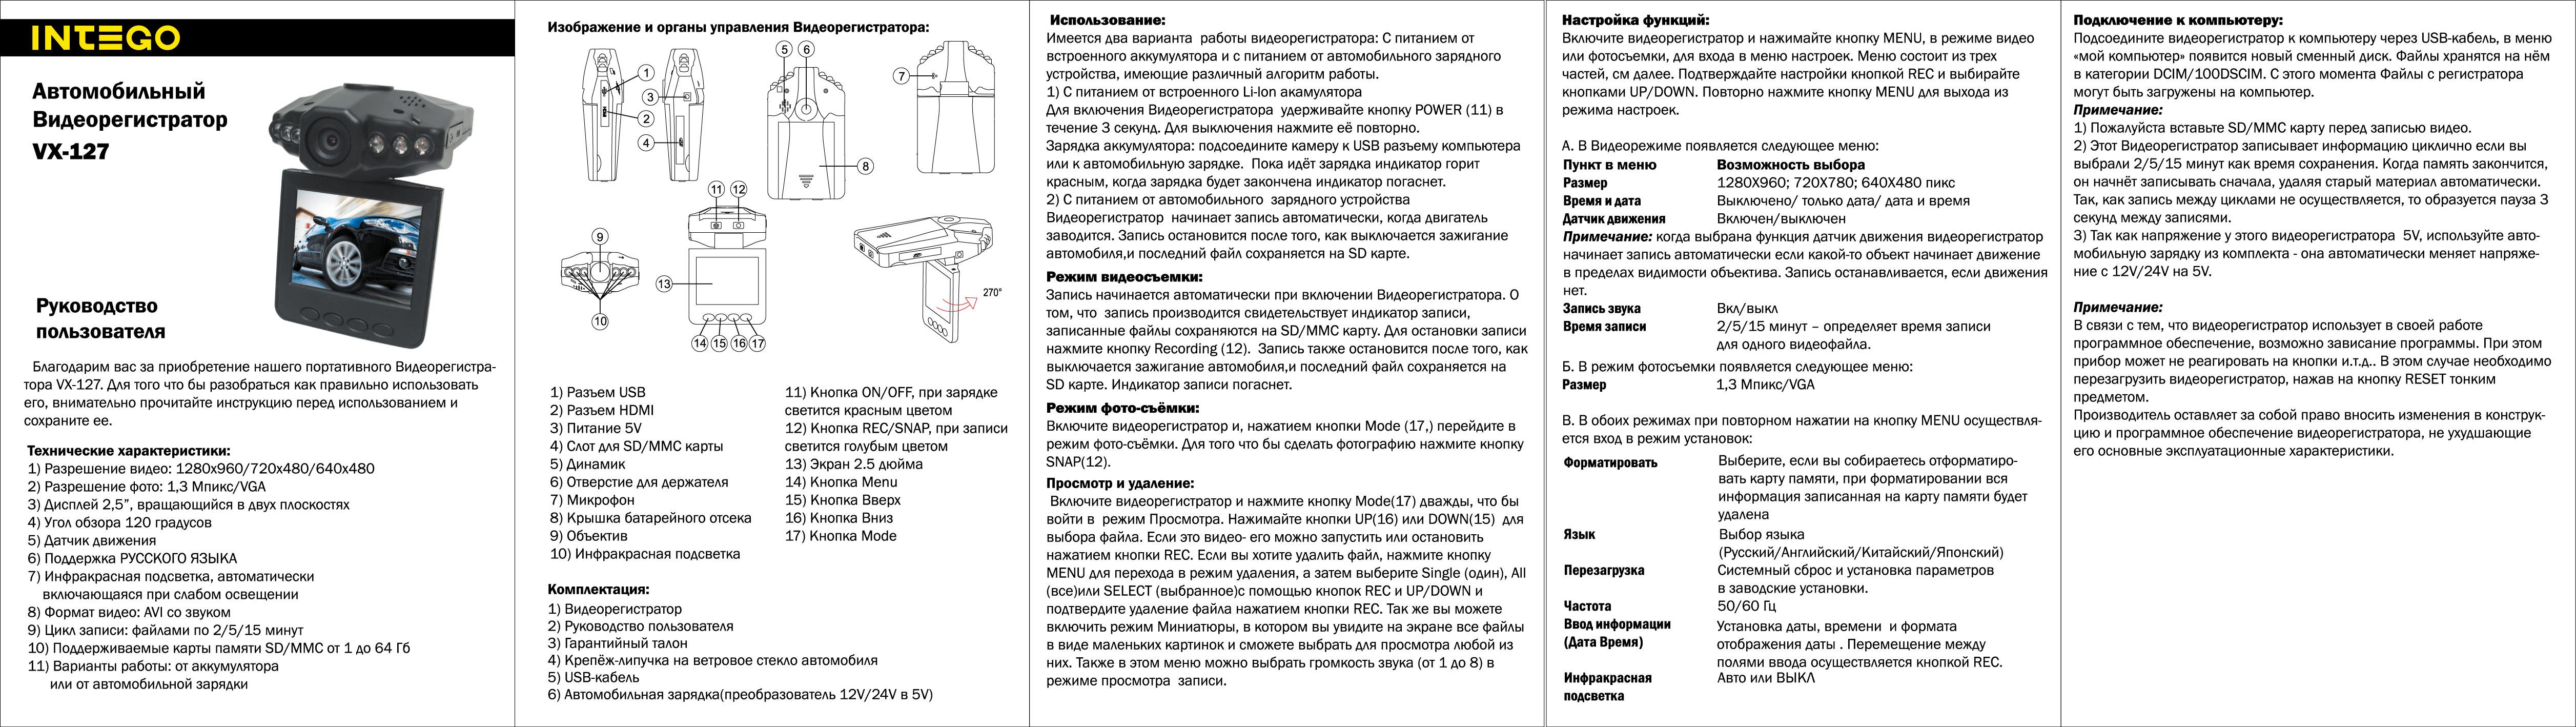 Скачать на русском языке инструкцию